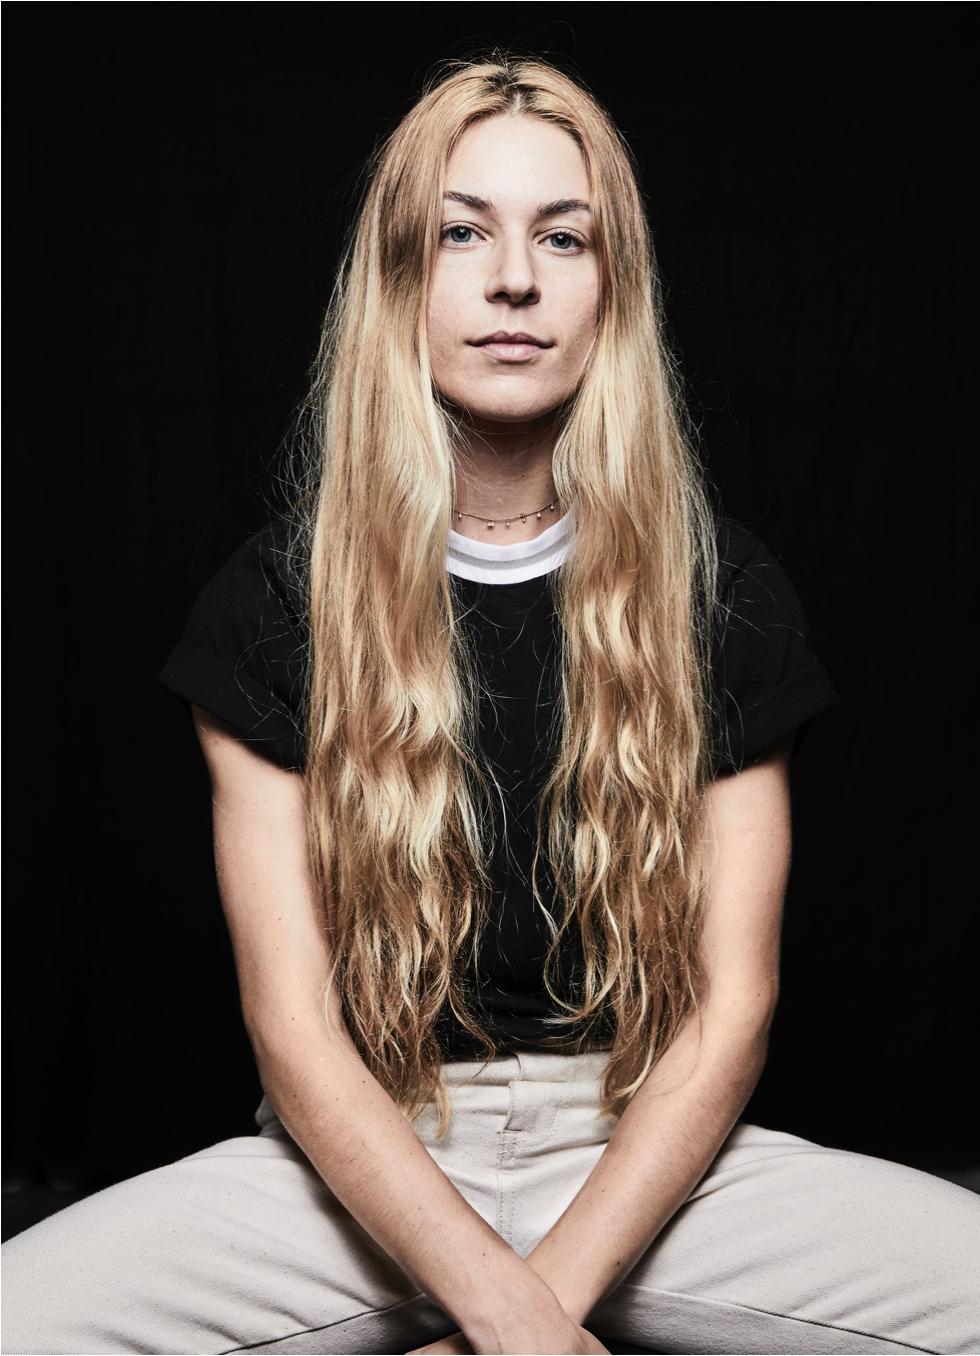 Sarah Prinz